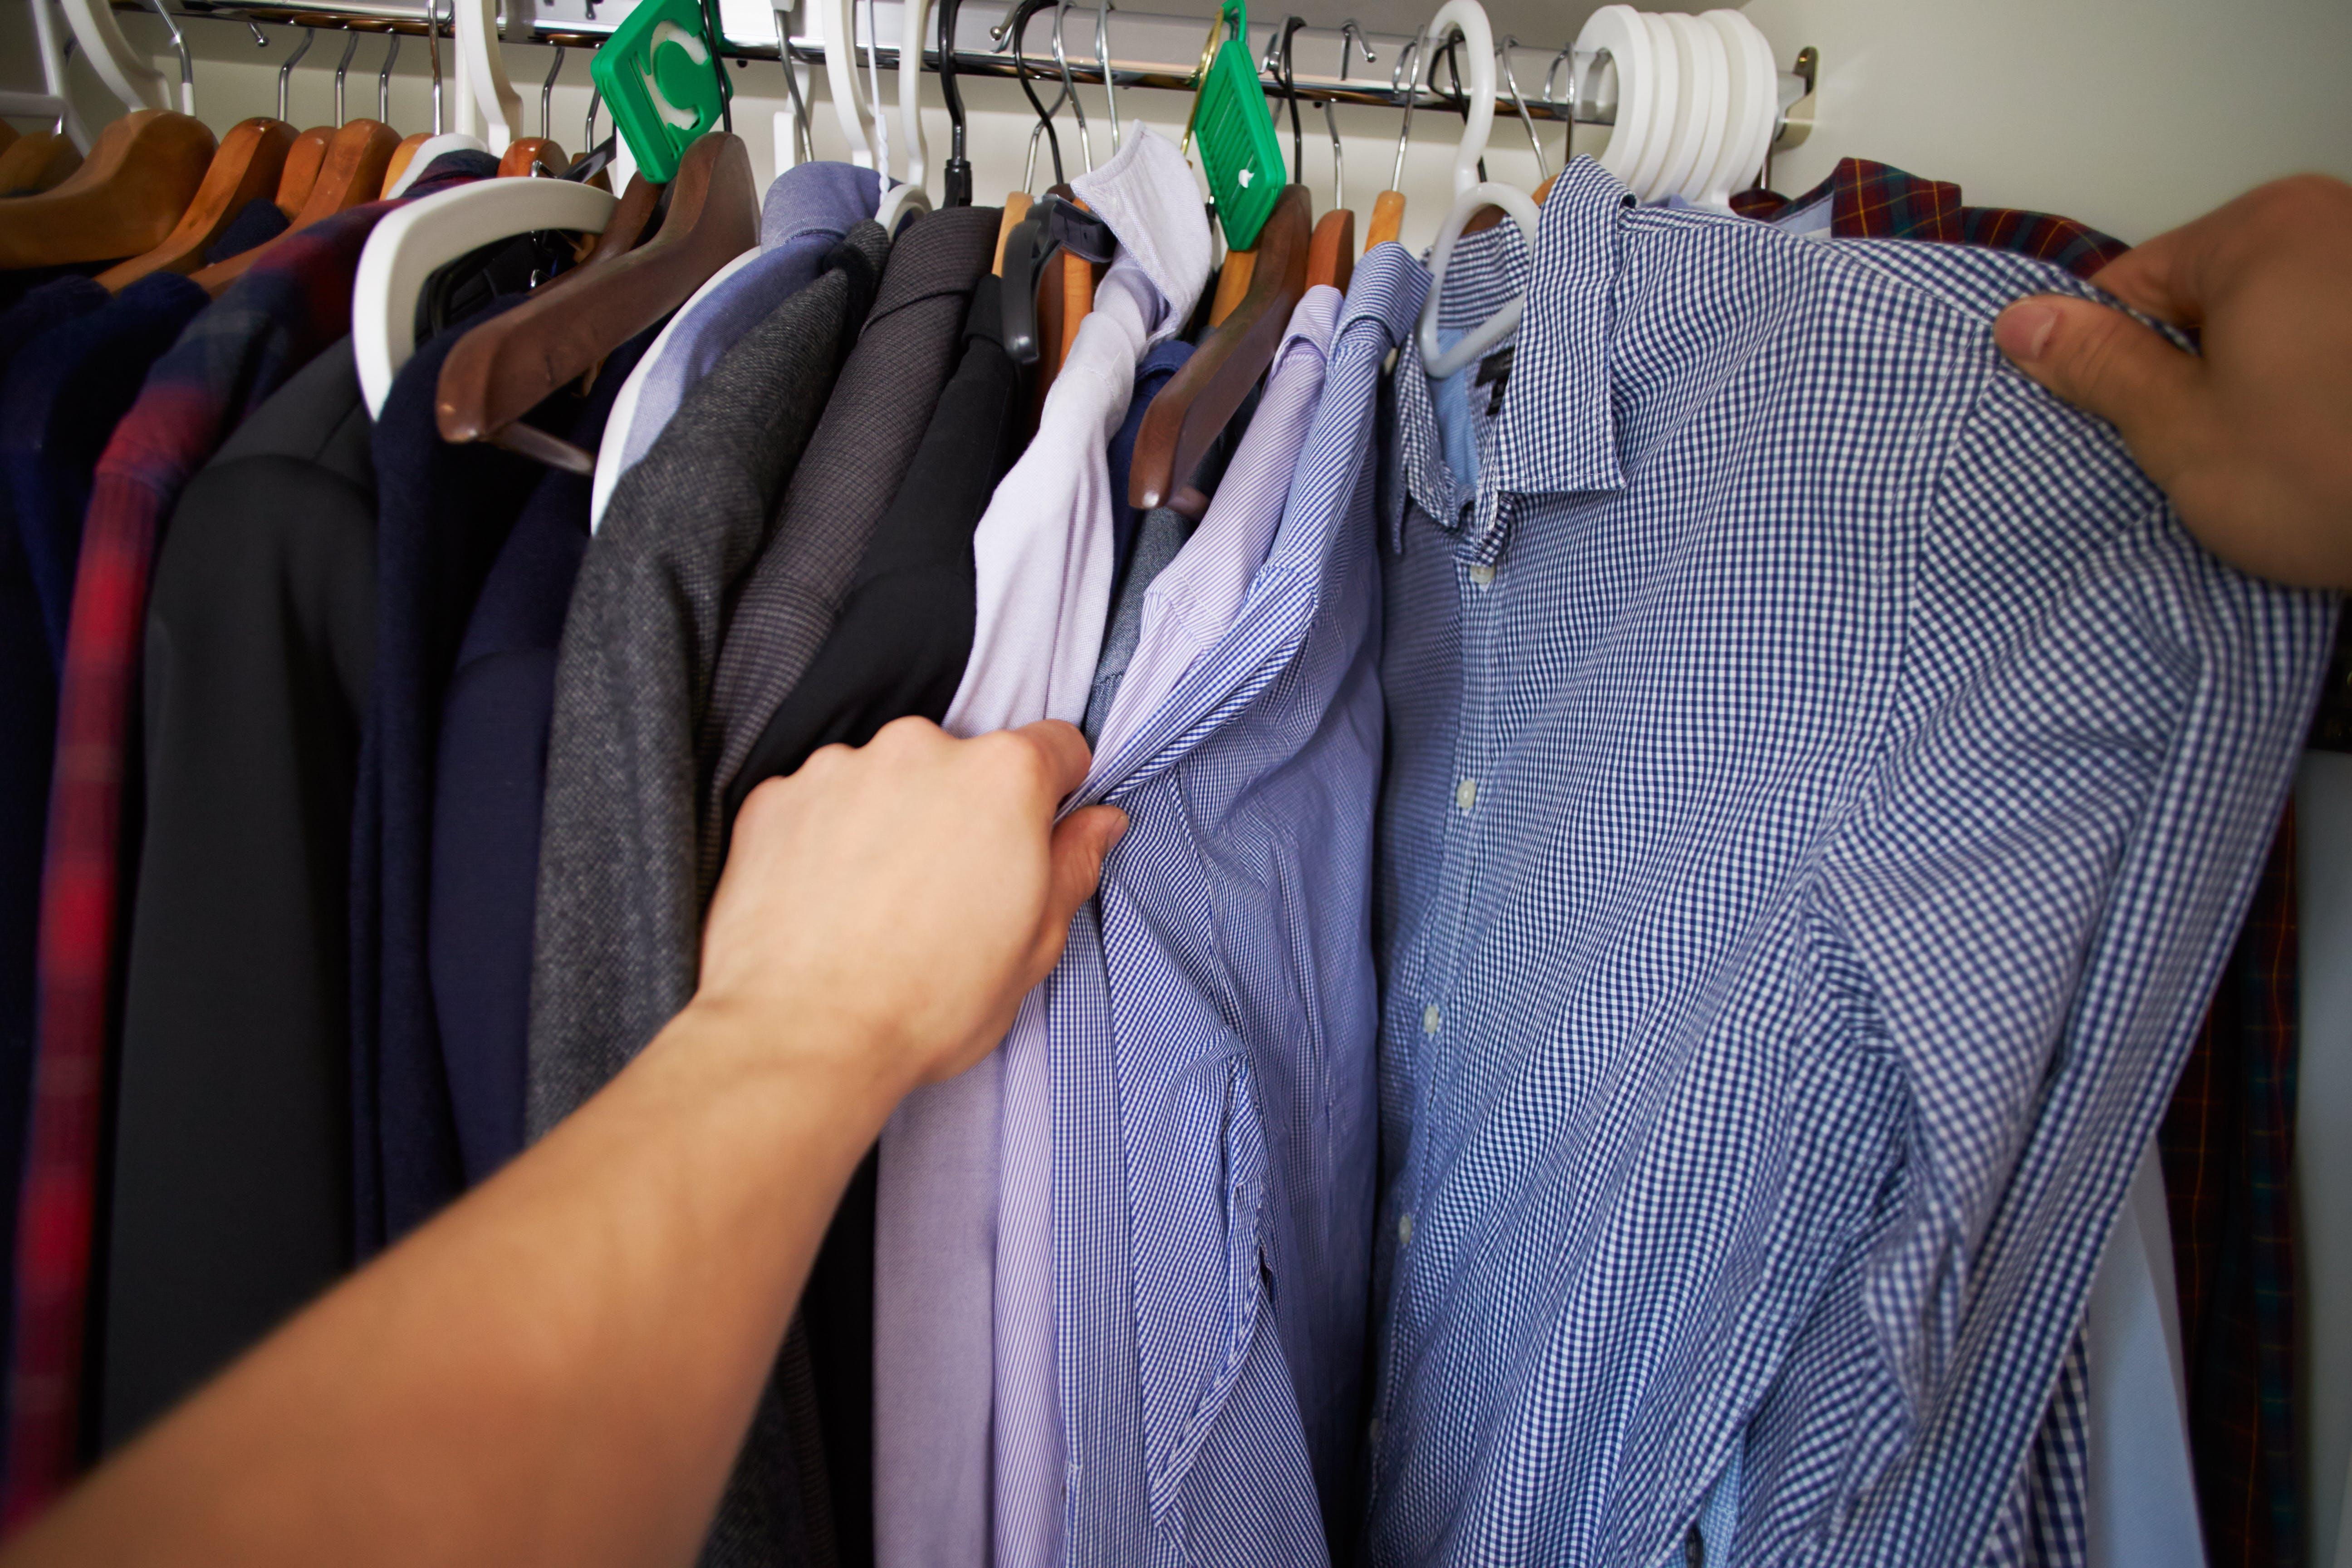 Camisas en armario